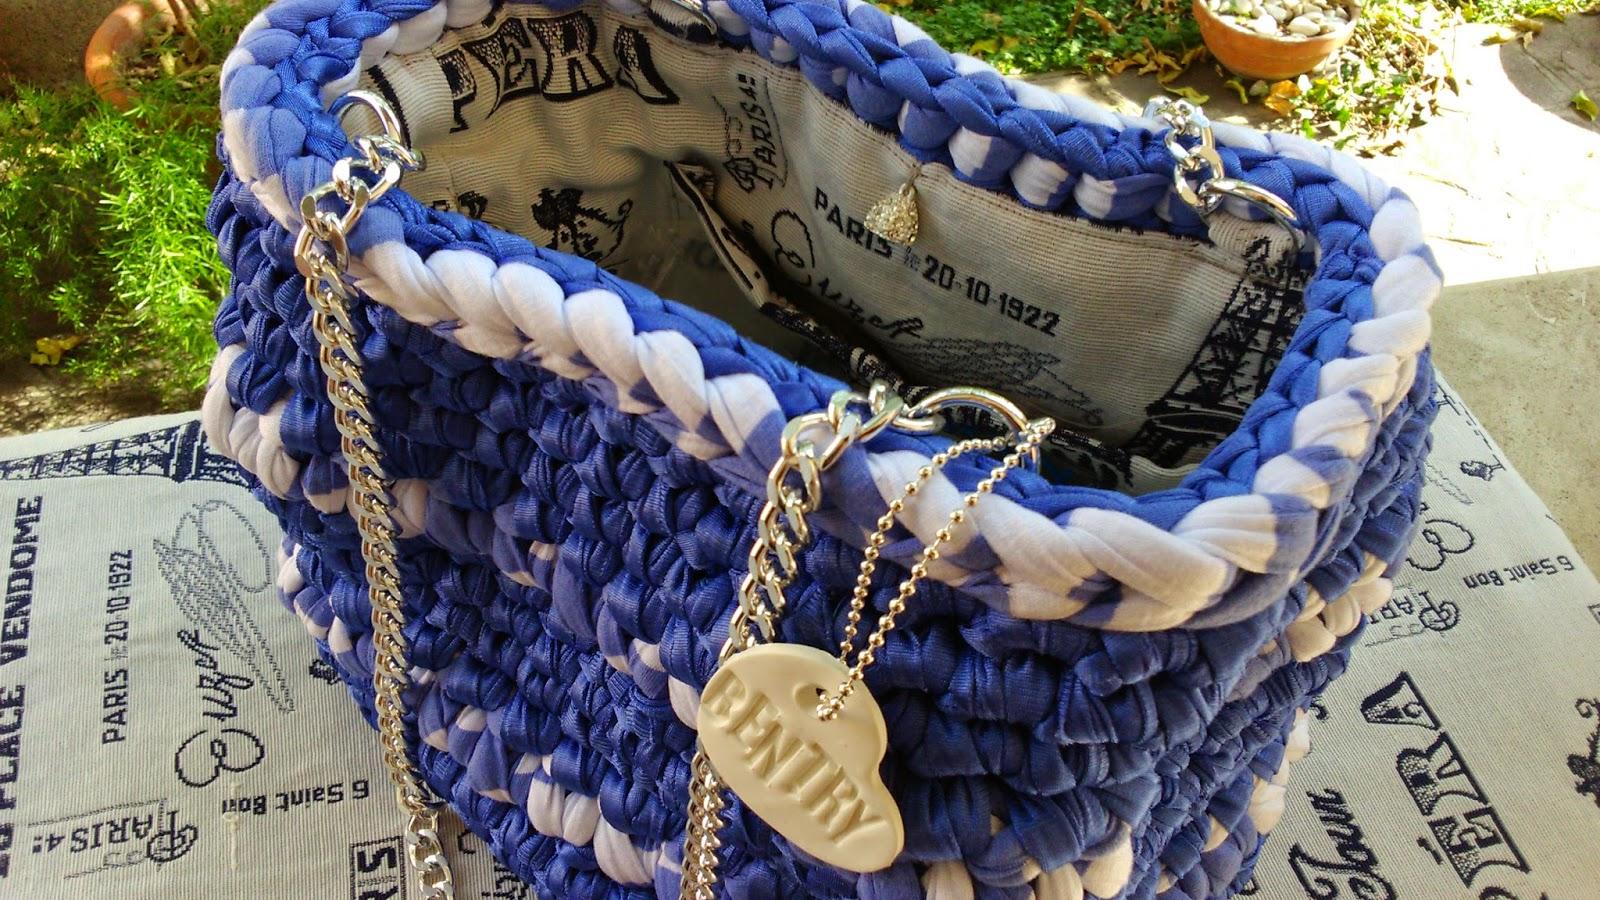 Borsa raso blu China inserti cotone rigato bianco e blu China